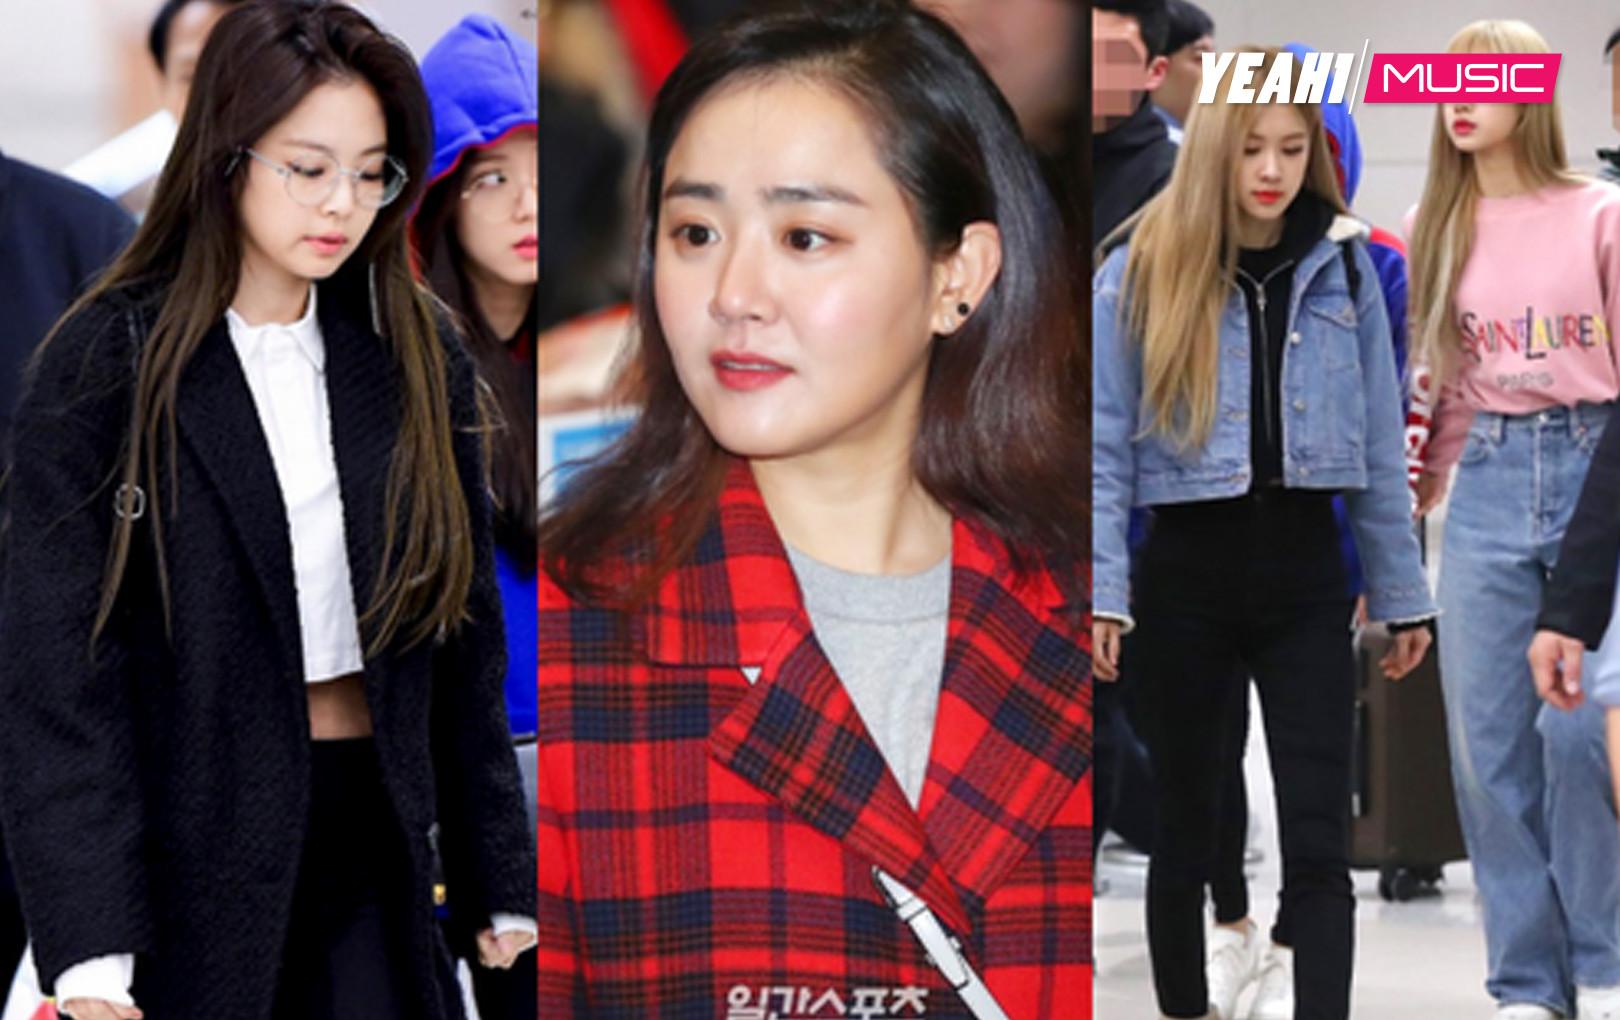 Dàn mỹ nhân Hàn đổ bộ sân bay: Moon Geun Young lột xác sau khi bị chê già nua, Black Pink đổi style dễ thương